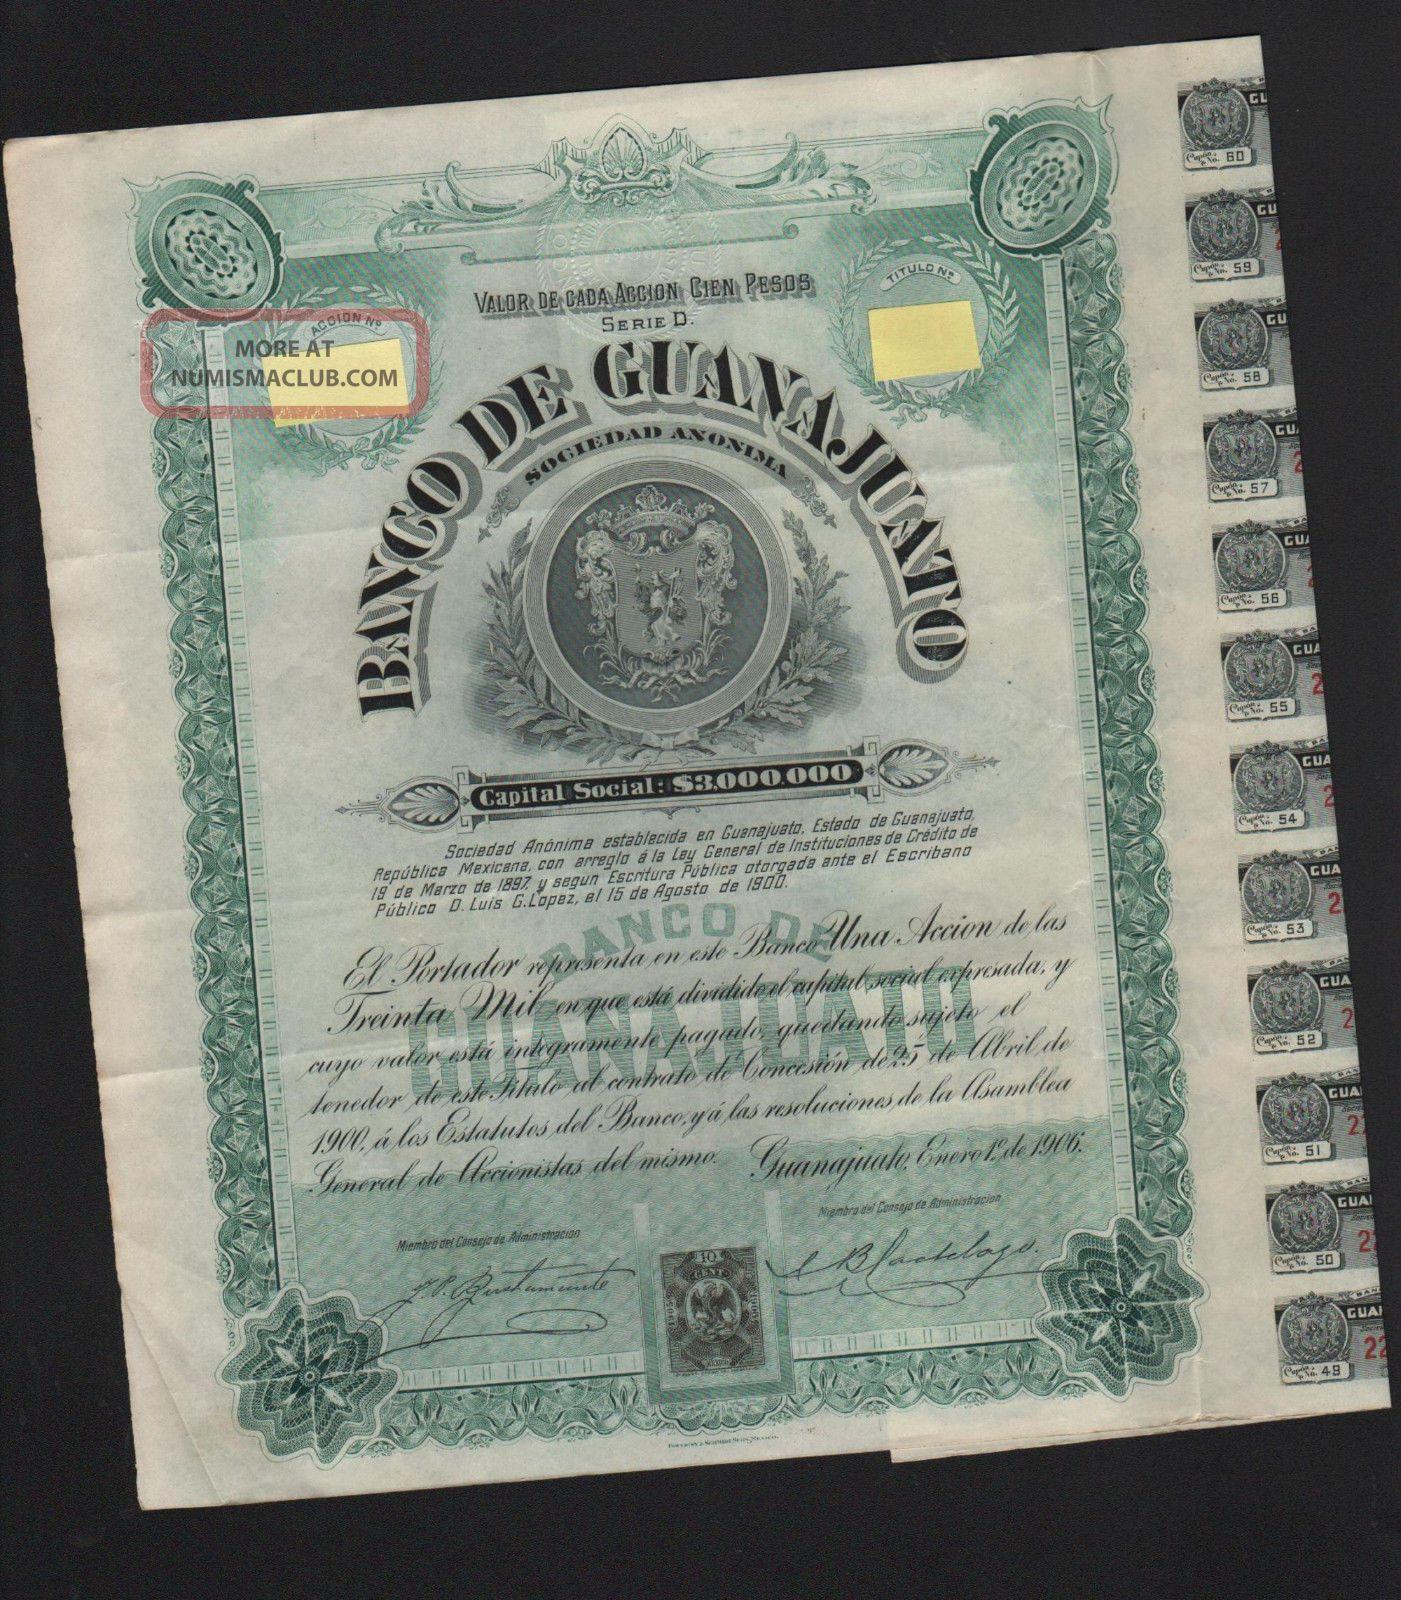 Mexico,  Banco De Guanajuato 1906,  Winston Churchill Bond Stocks & Bonds, Scripophily photo